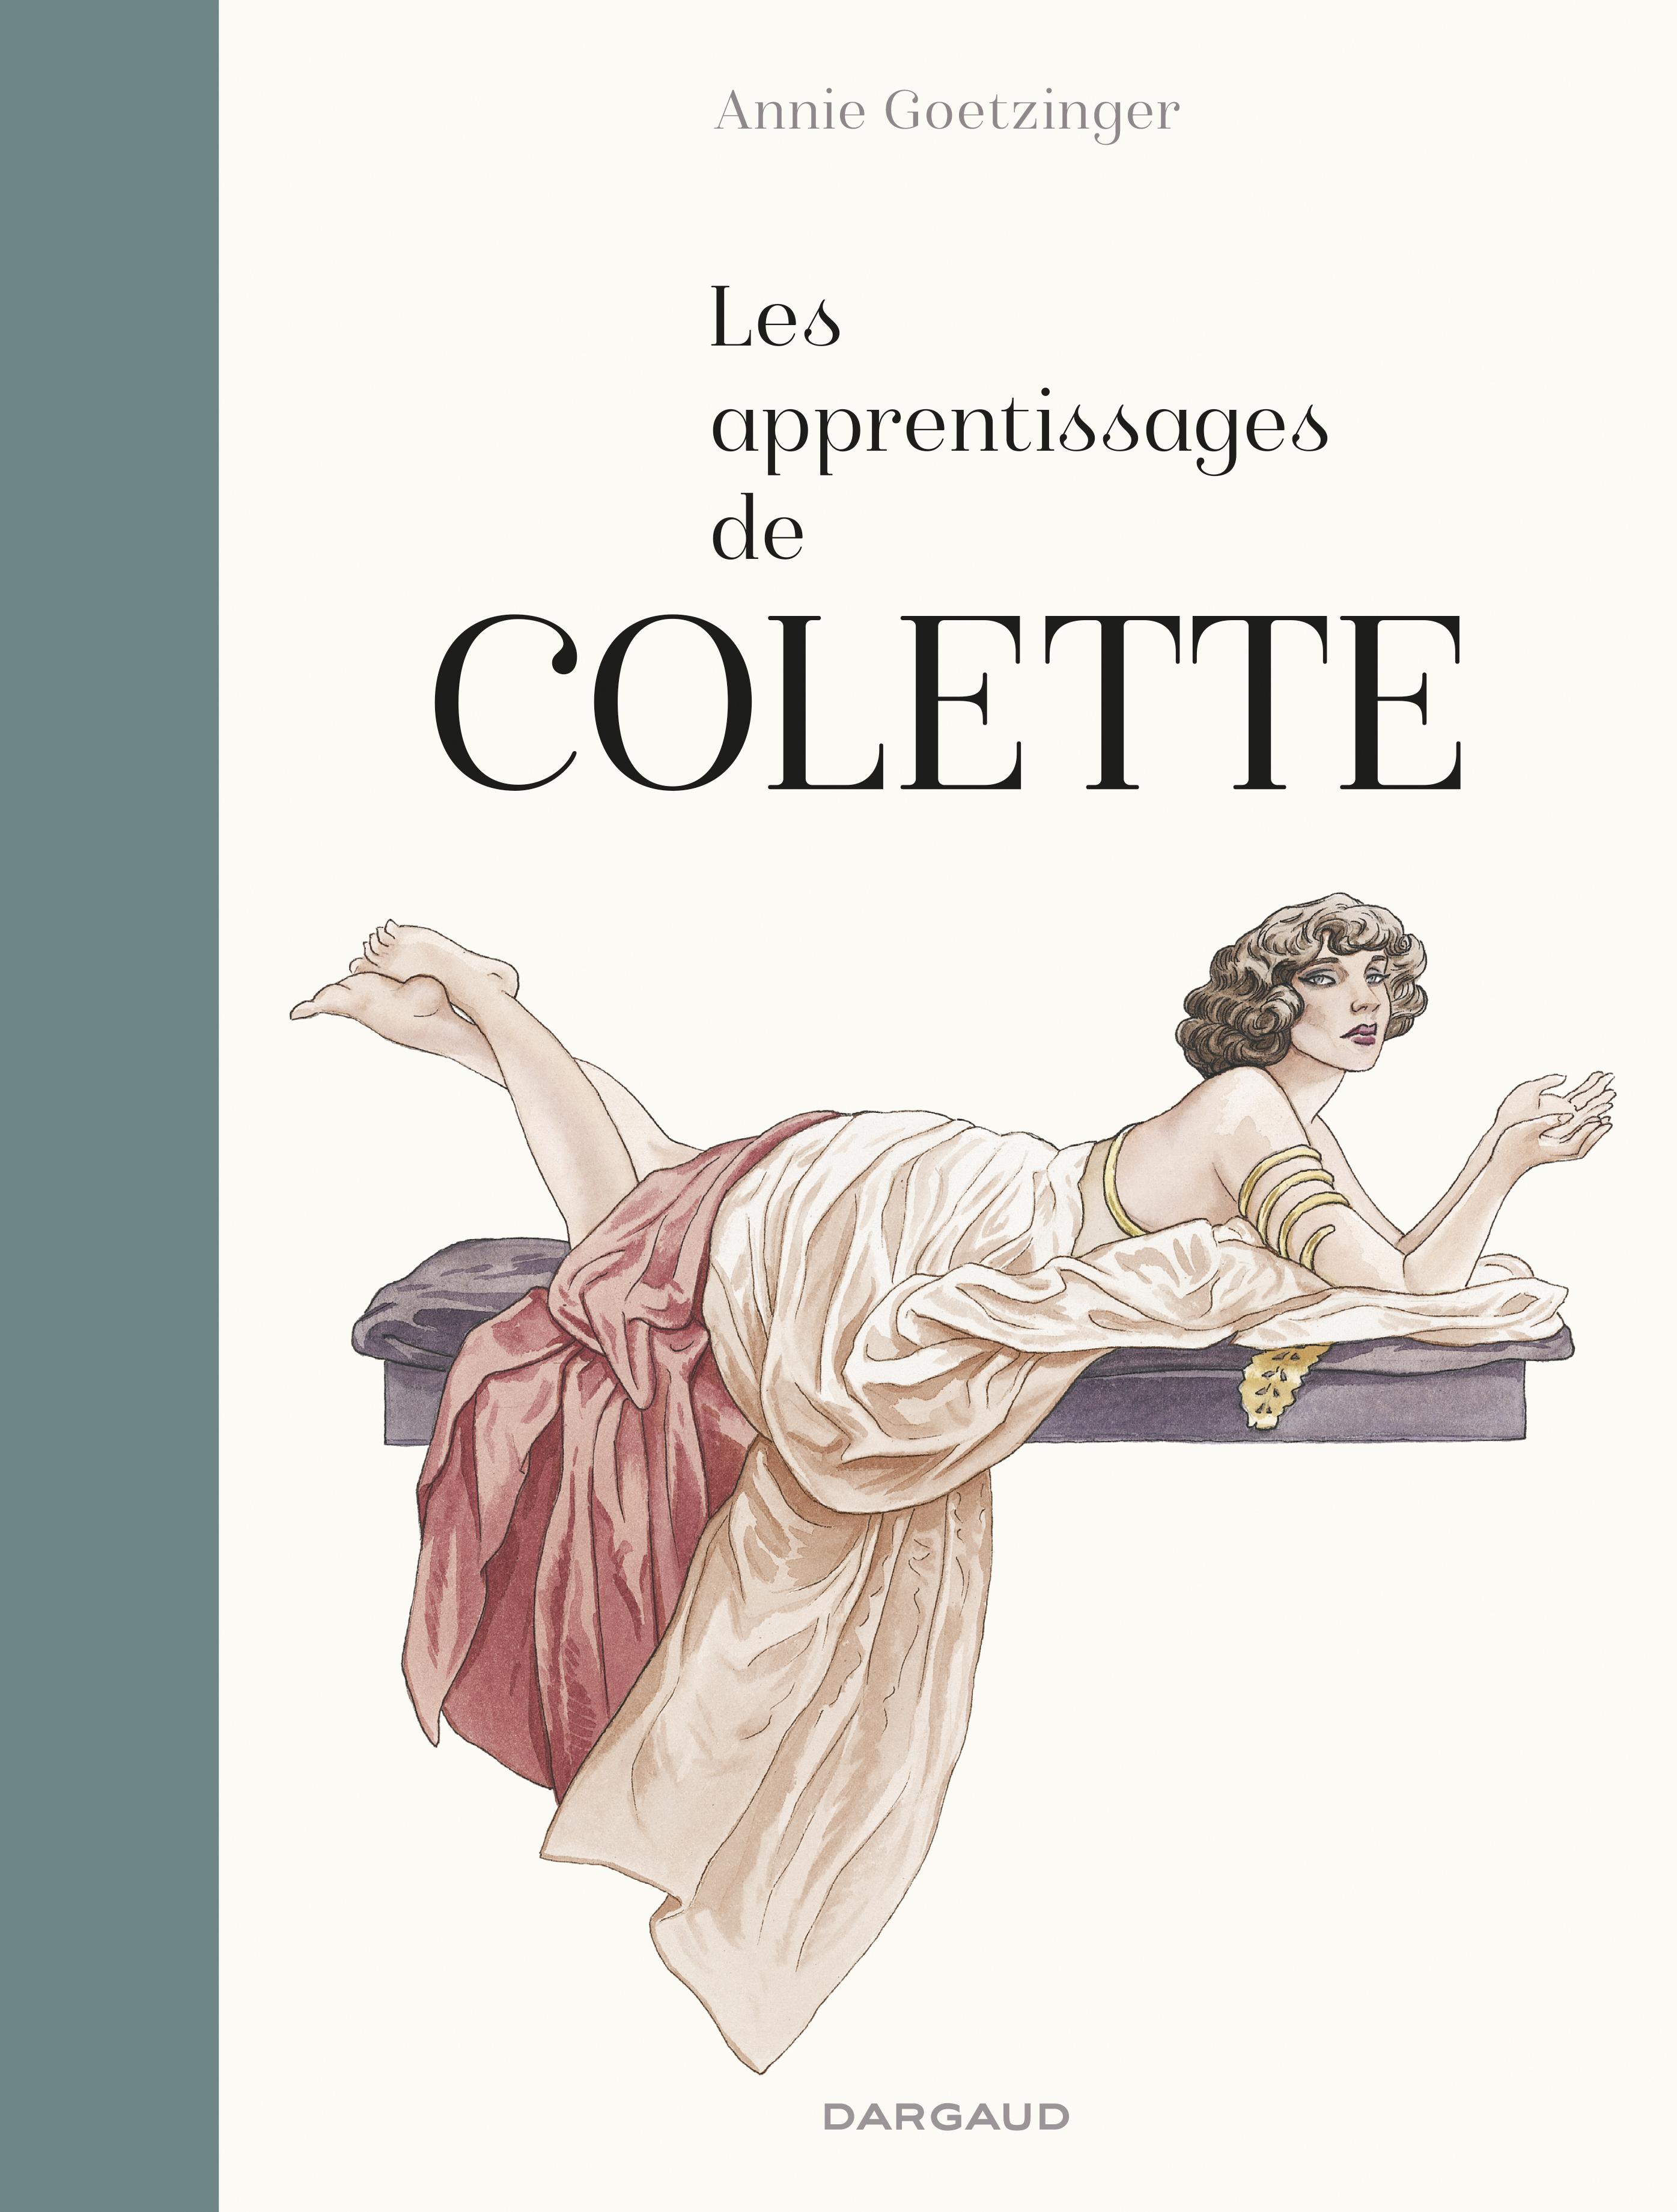 Les Apprentissages de Colette, la bande dessinée d'Annie Goetzinger 9782205072693-couv